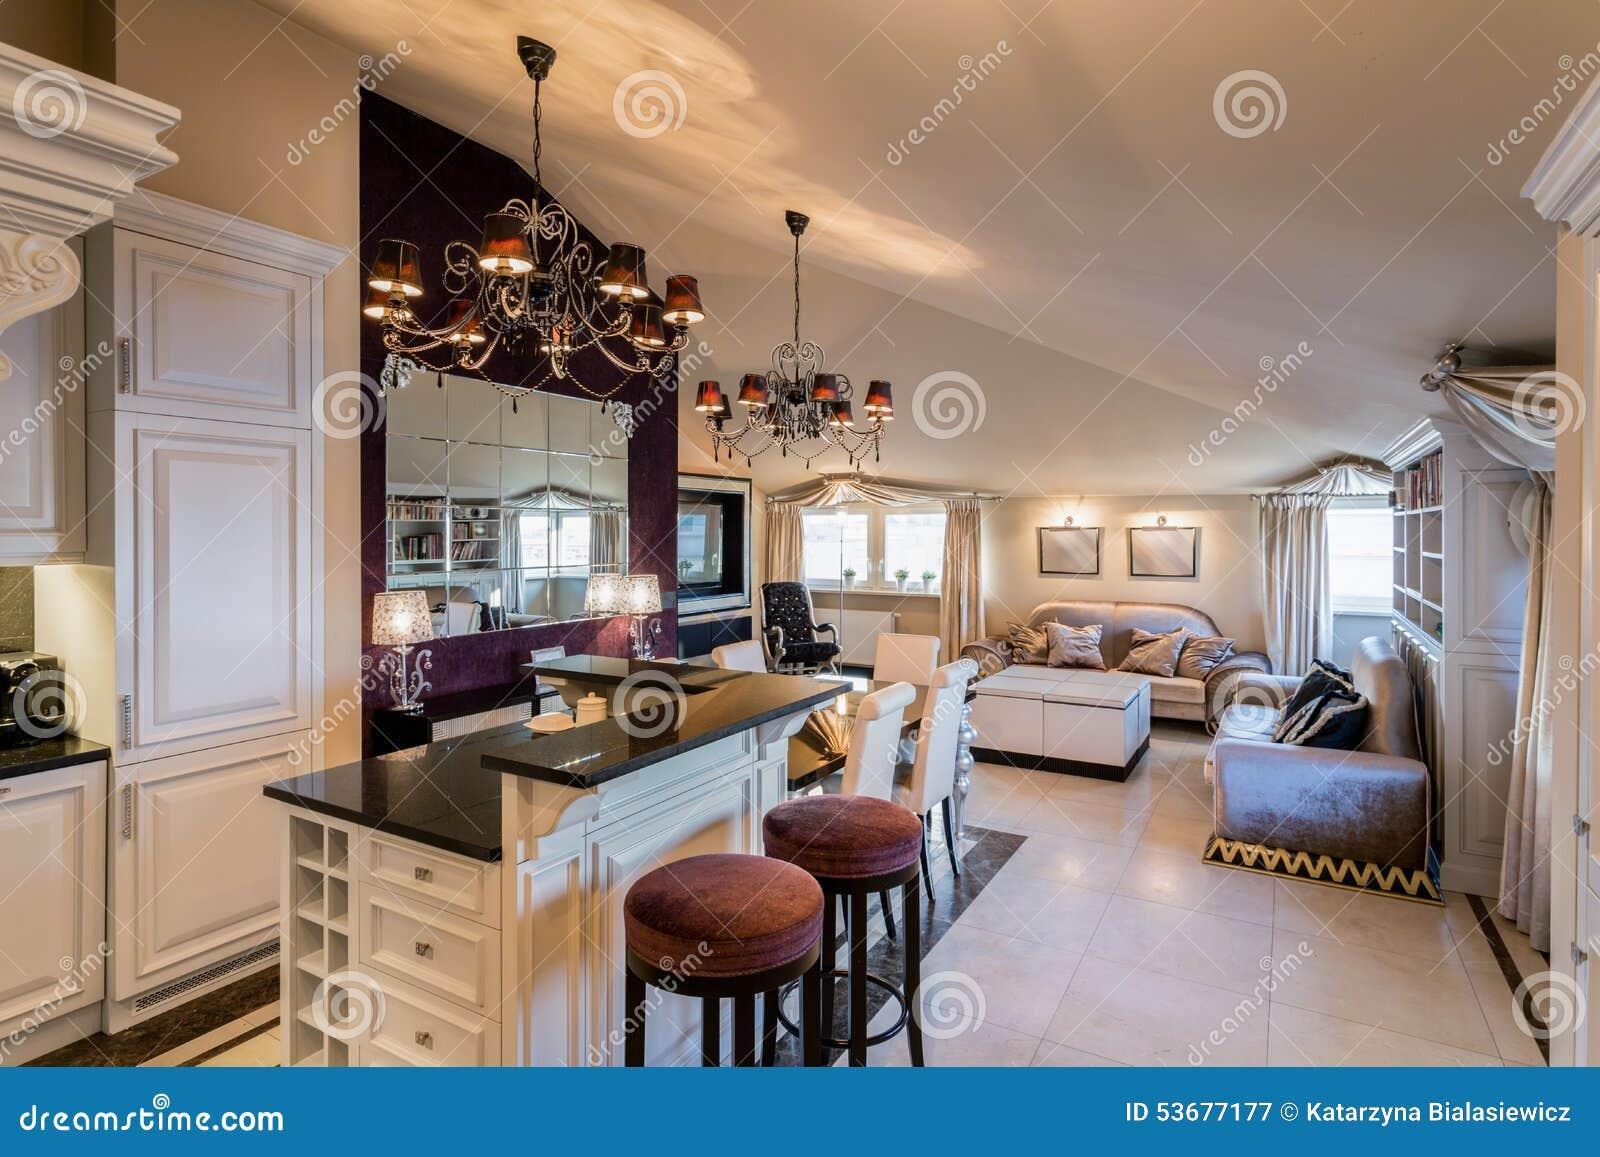 Living Room Editorial Fashion